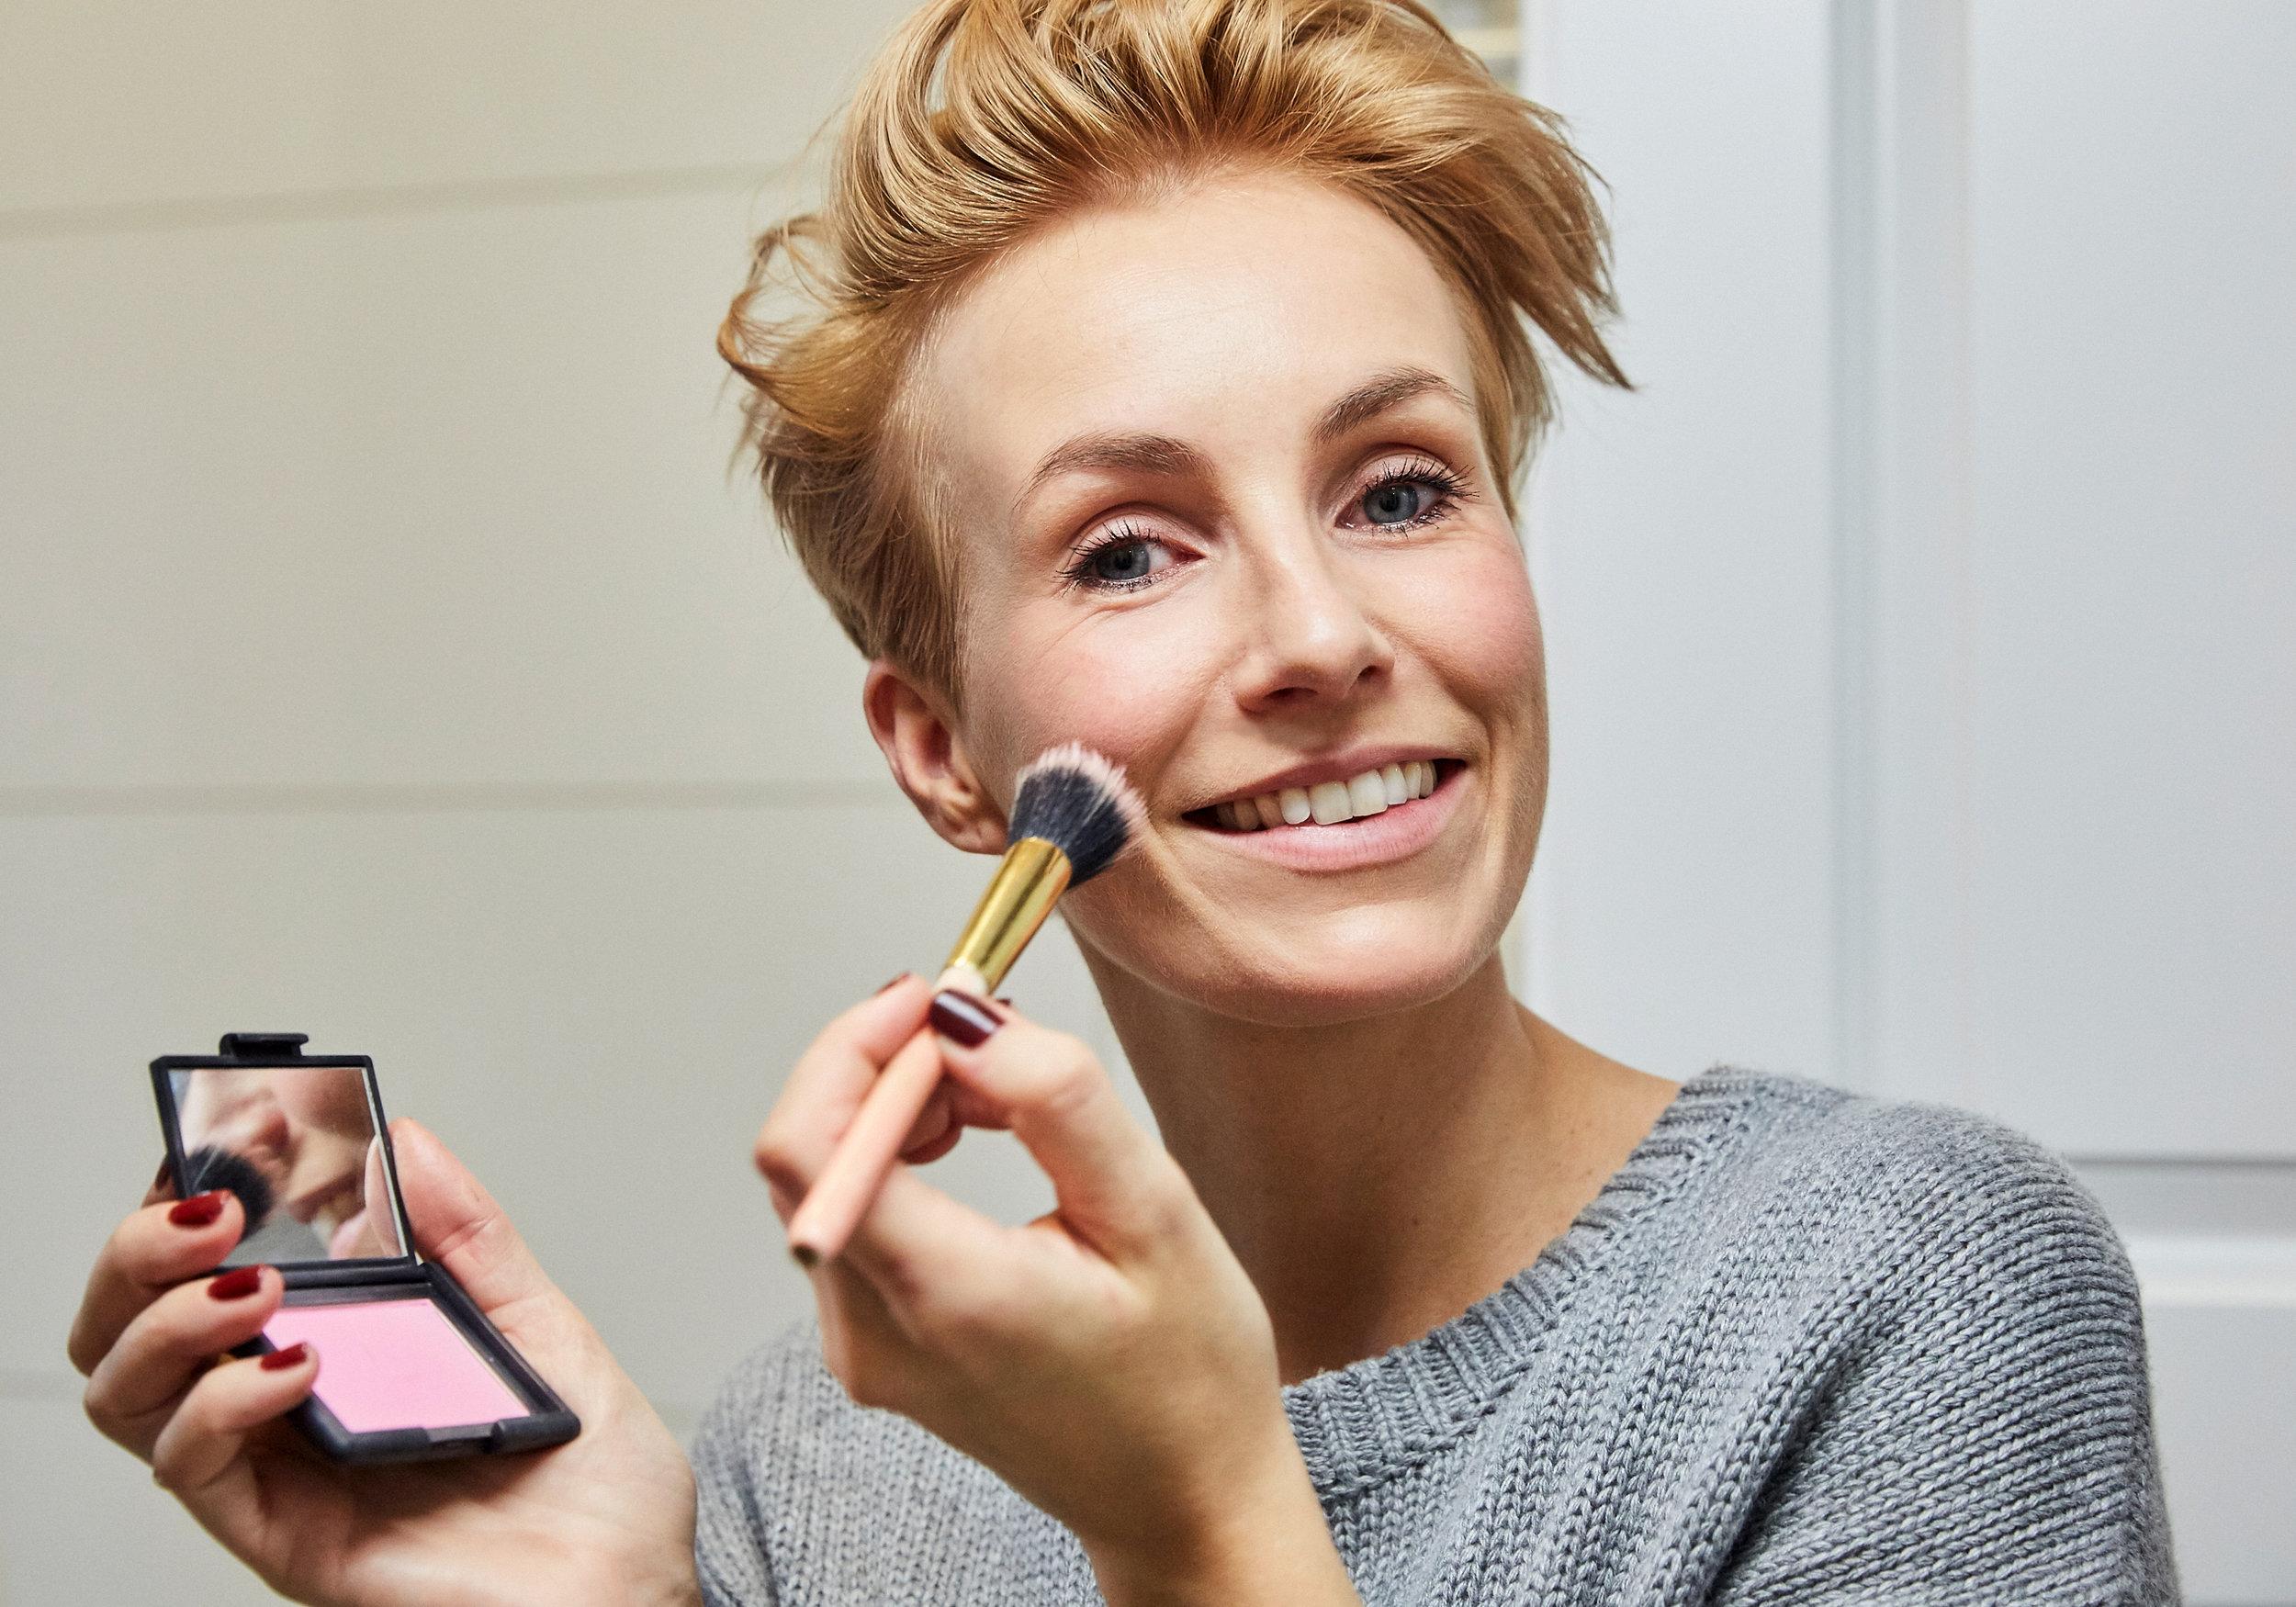 Ich benutze hier von NARS Desire mit Blush Pinsel #11 von JACKS beauty line